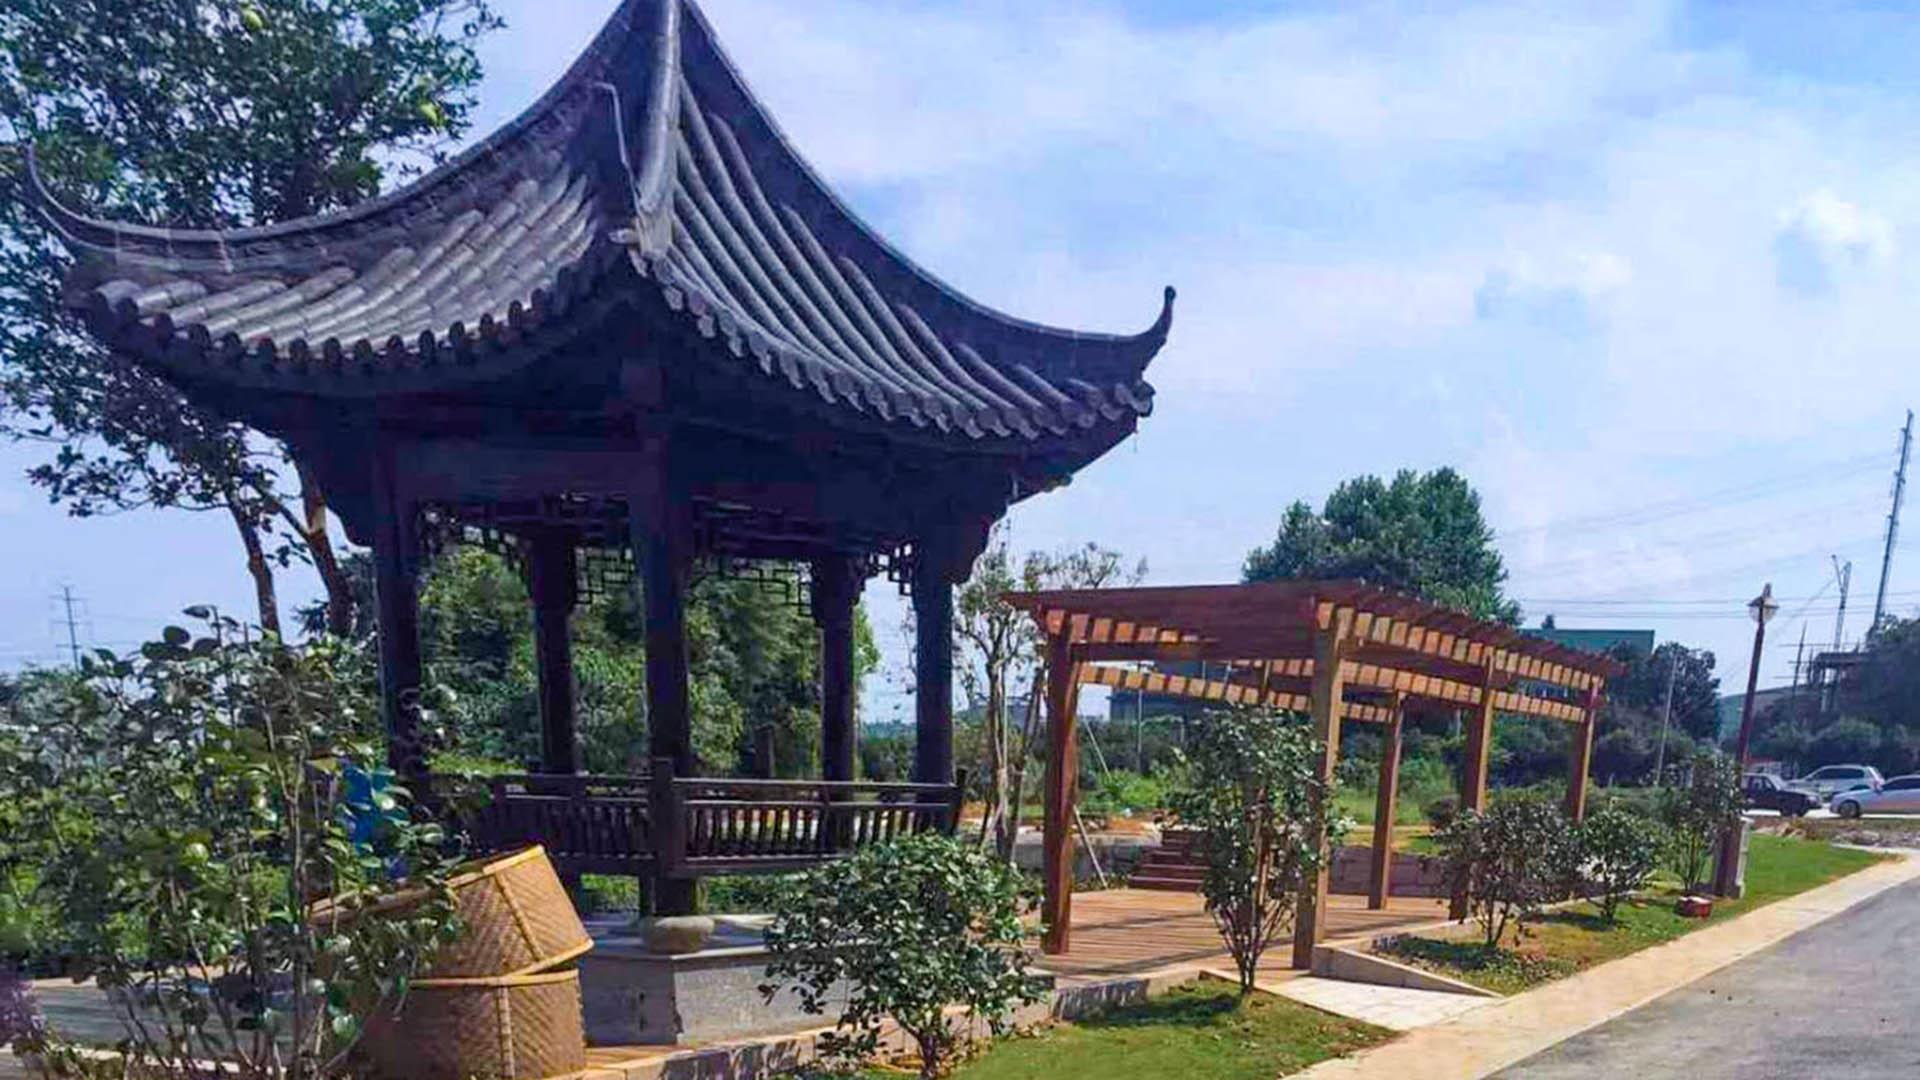 2016--龙坞茶镇建设工程—慈母桥村庄整治工程